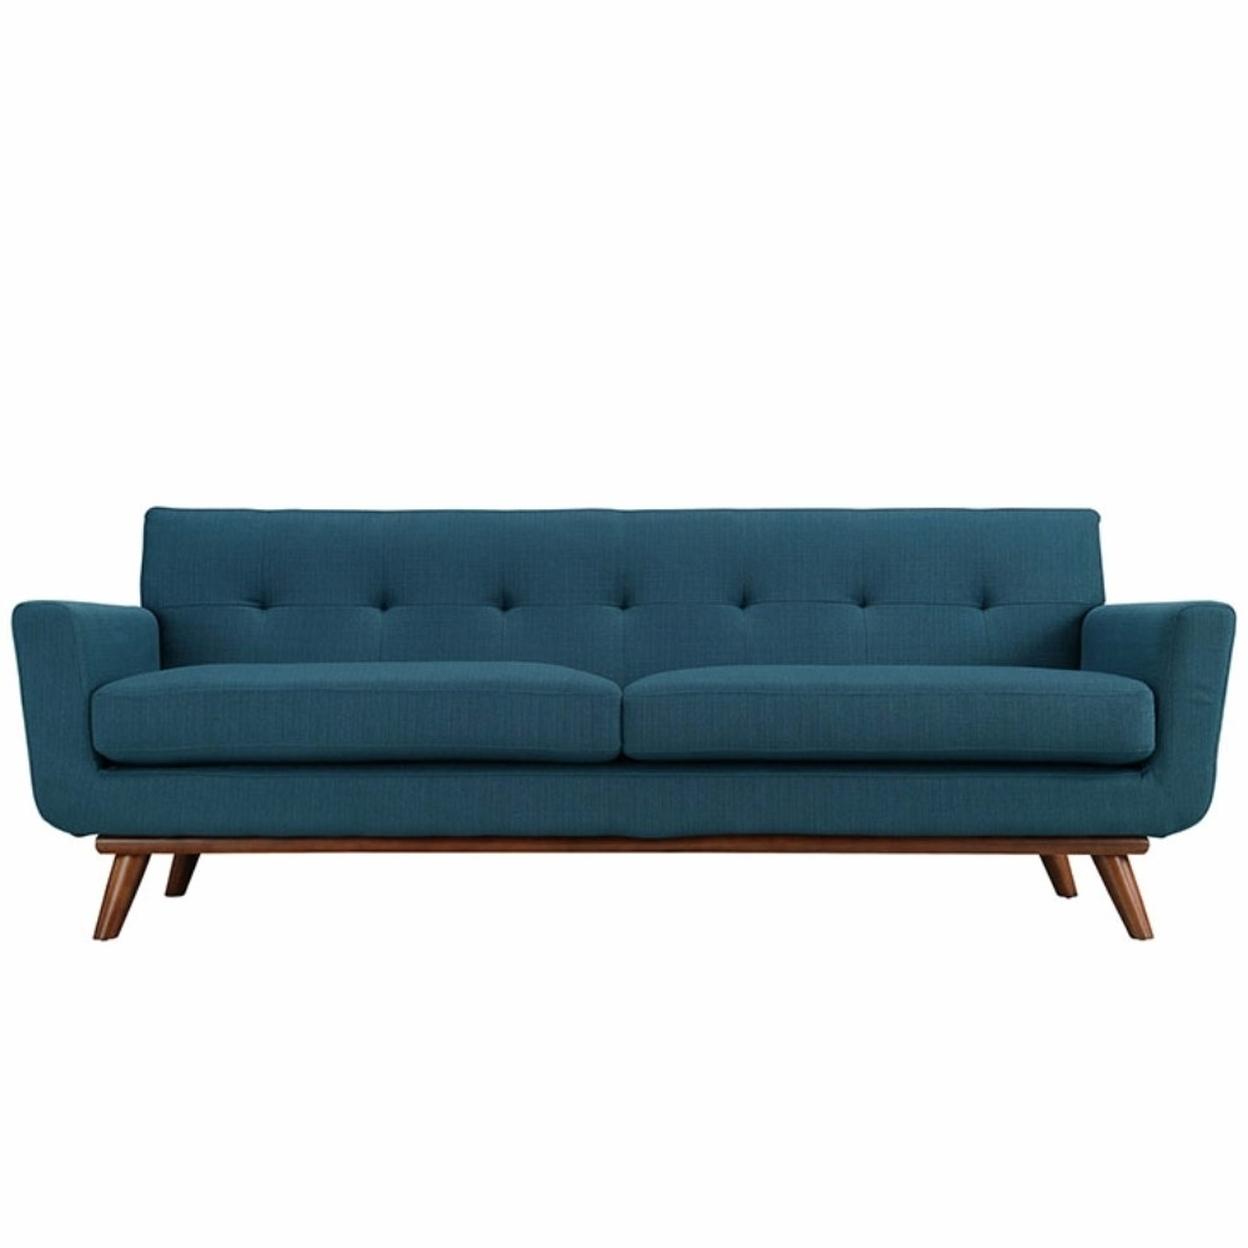 Engage Upholstered Sofa, Azure